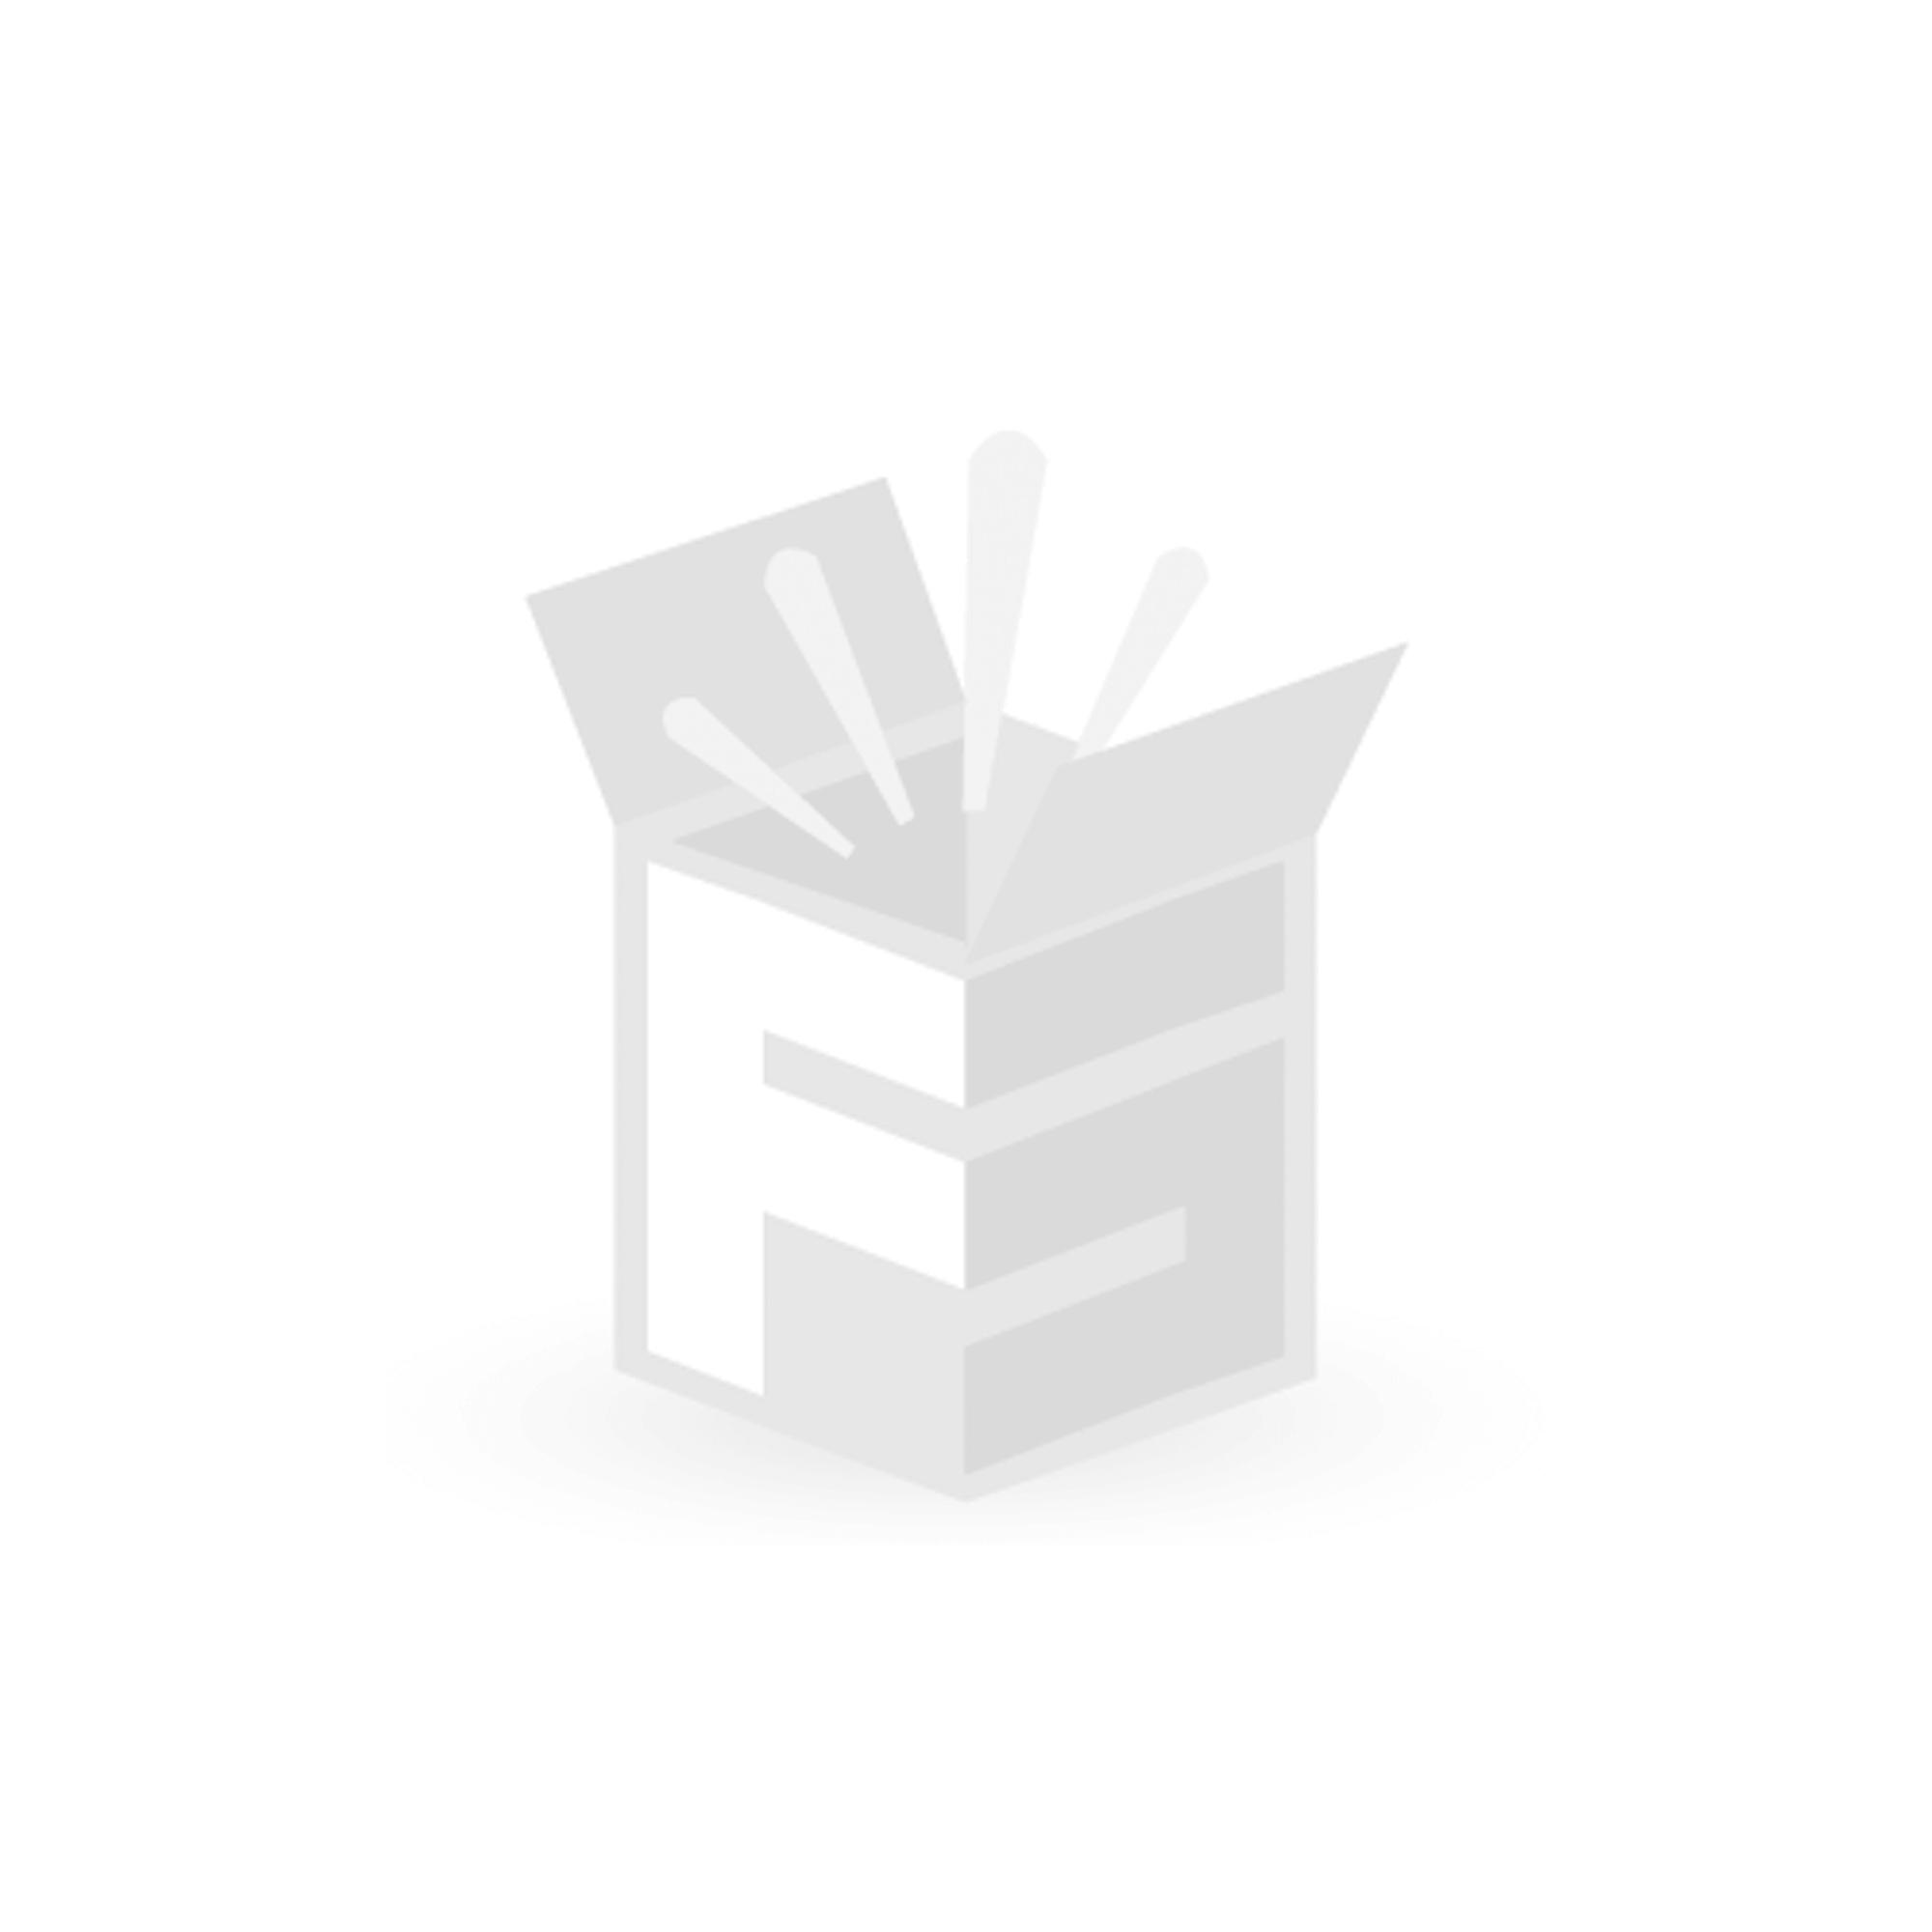 FS-STAR Backofen aus Edelstahl 28 Liter, schwarz